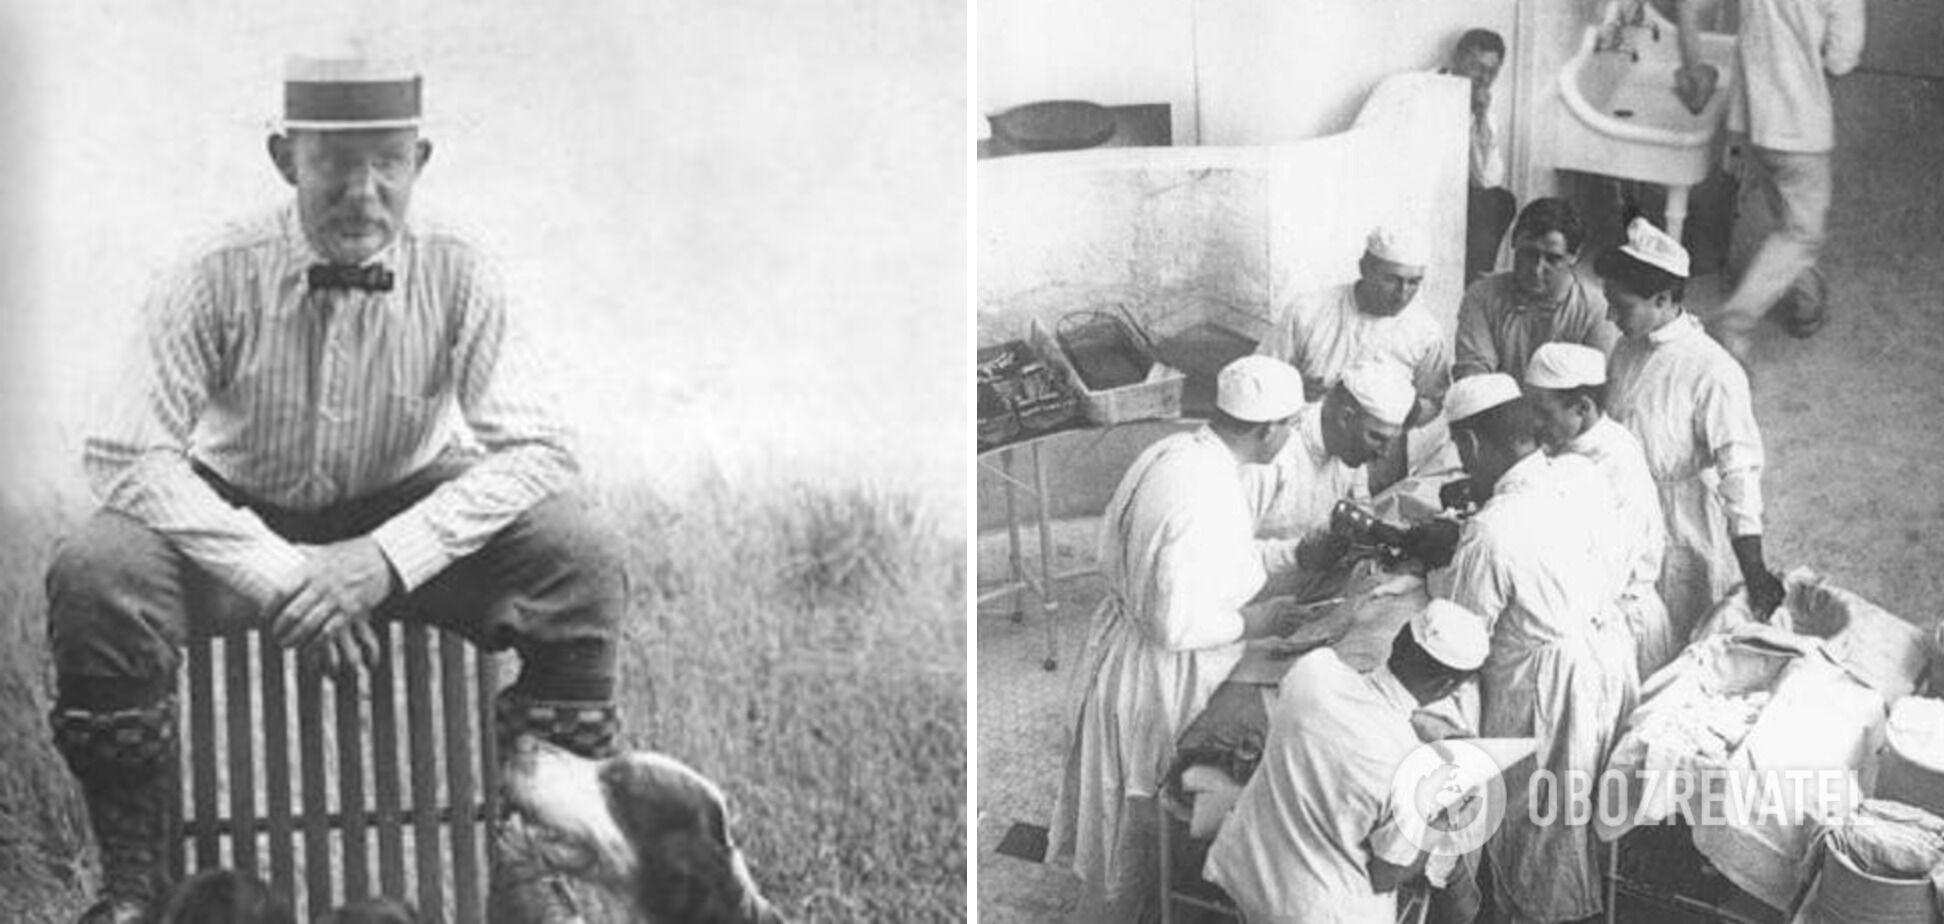 Вільям Холстед із командою оперує в госпіталі Джонса Гопкінса в рукавичках, але без масок, 1904 рік